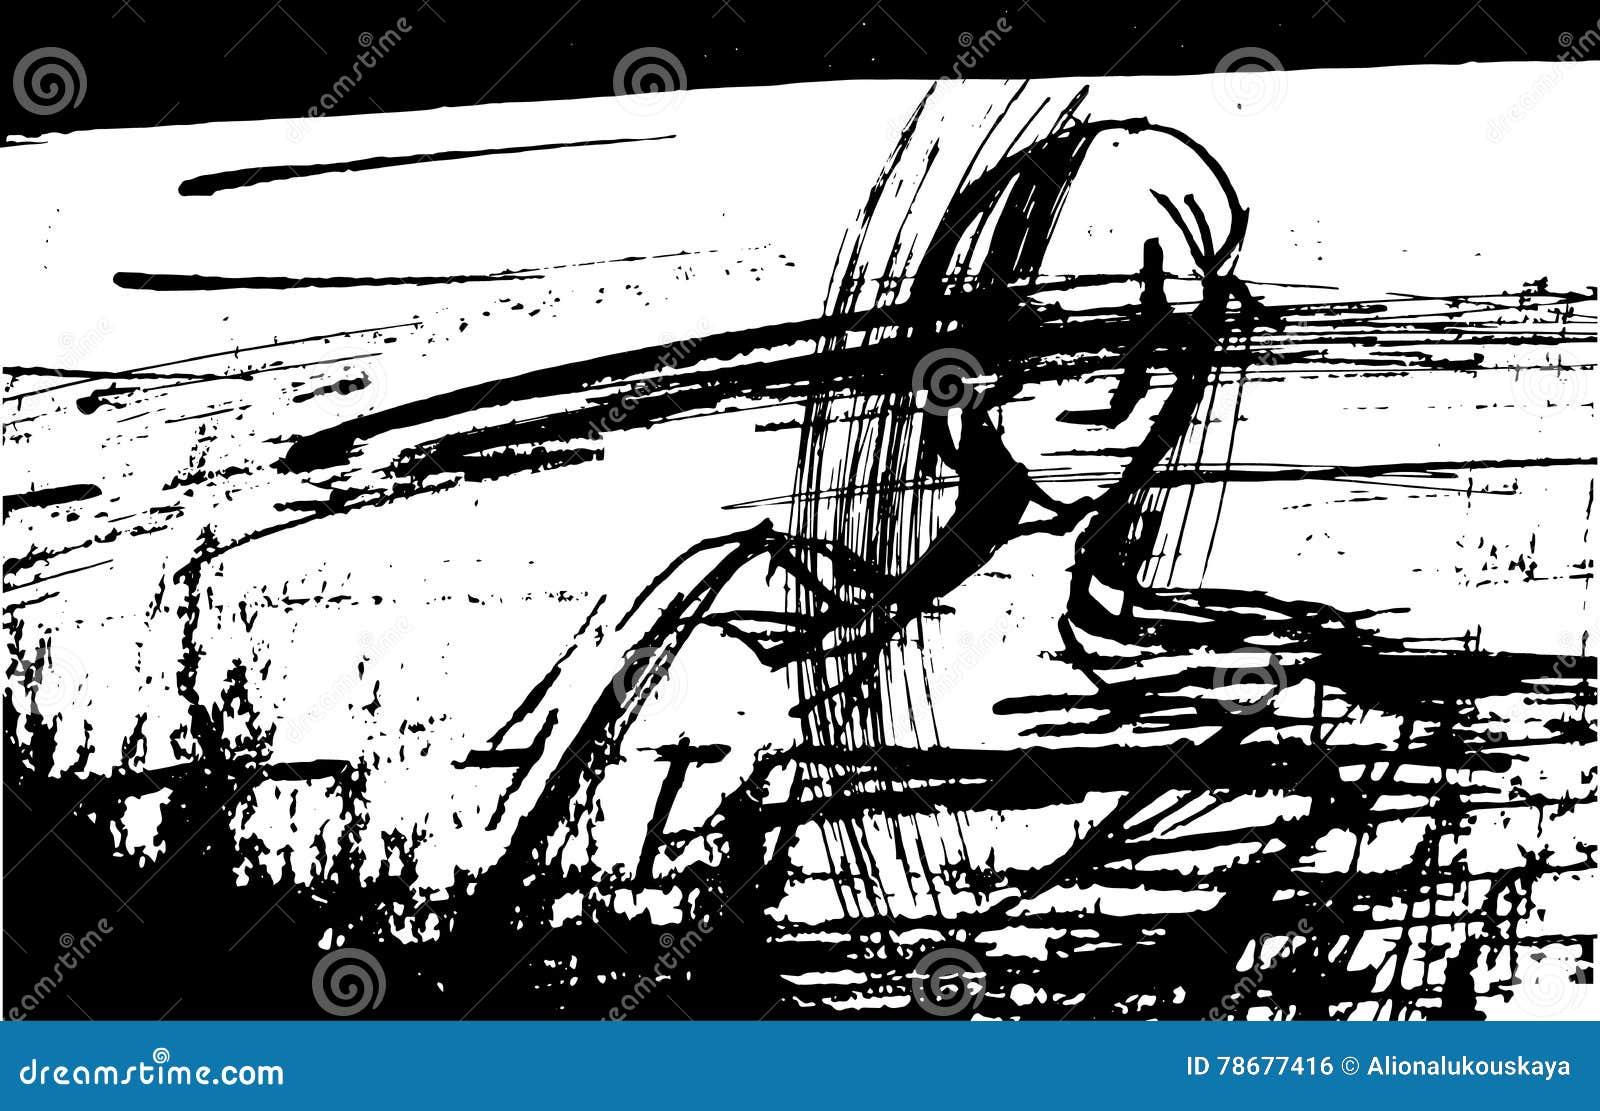 Vector el ejemplo de un hombre con sus ojos cerrados, estilizado, gráfico, tinta, líneas, puntos,